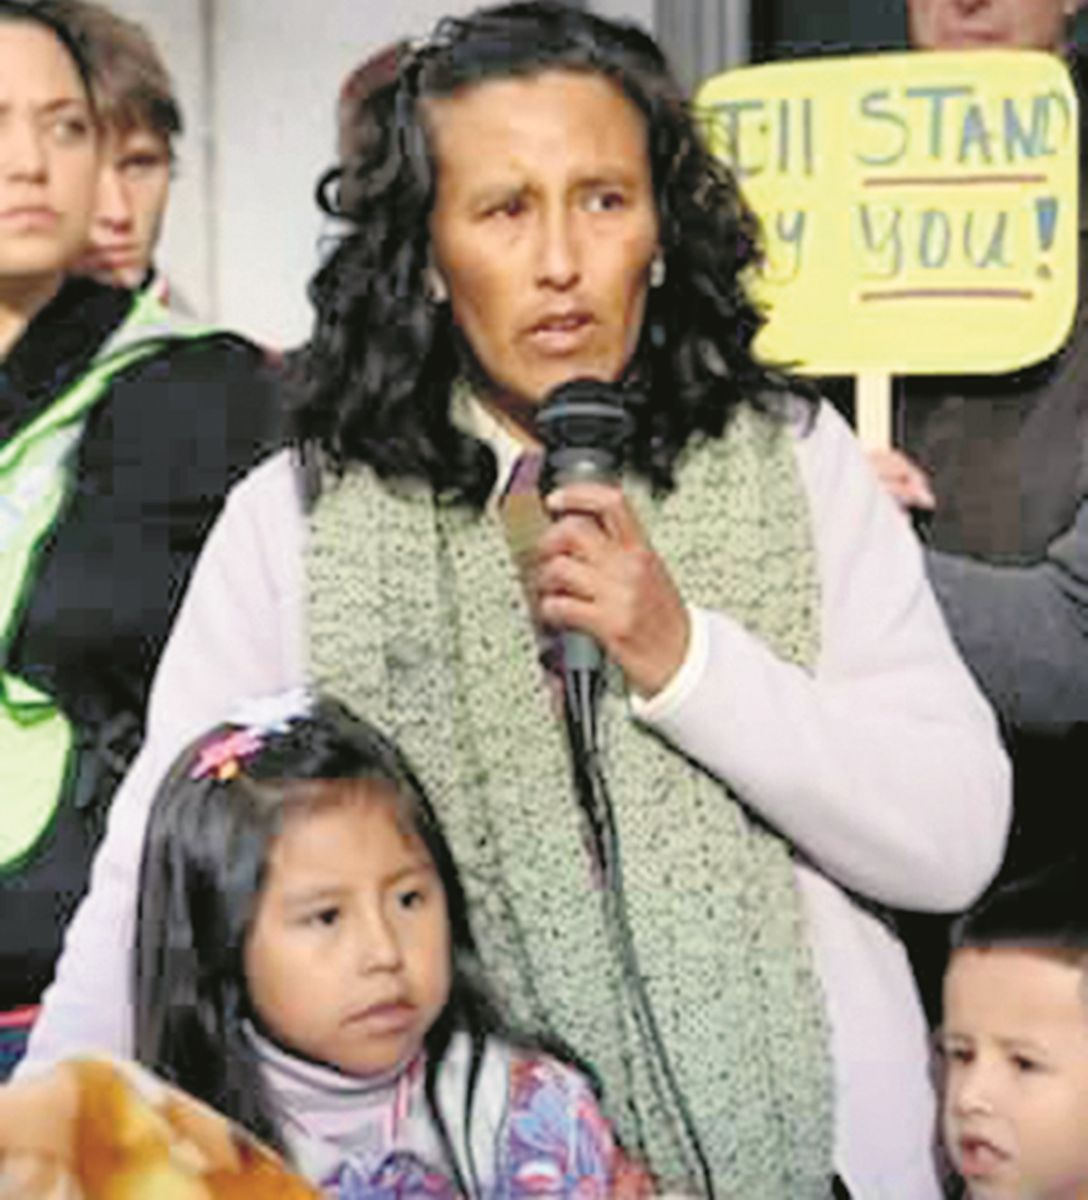 eanette Vizguerra emigró desde México a EE.UU. en los 90. Es madre de 4 hijos, 3 de ellos estadounidenses. / DA